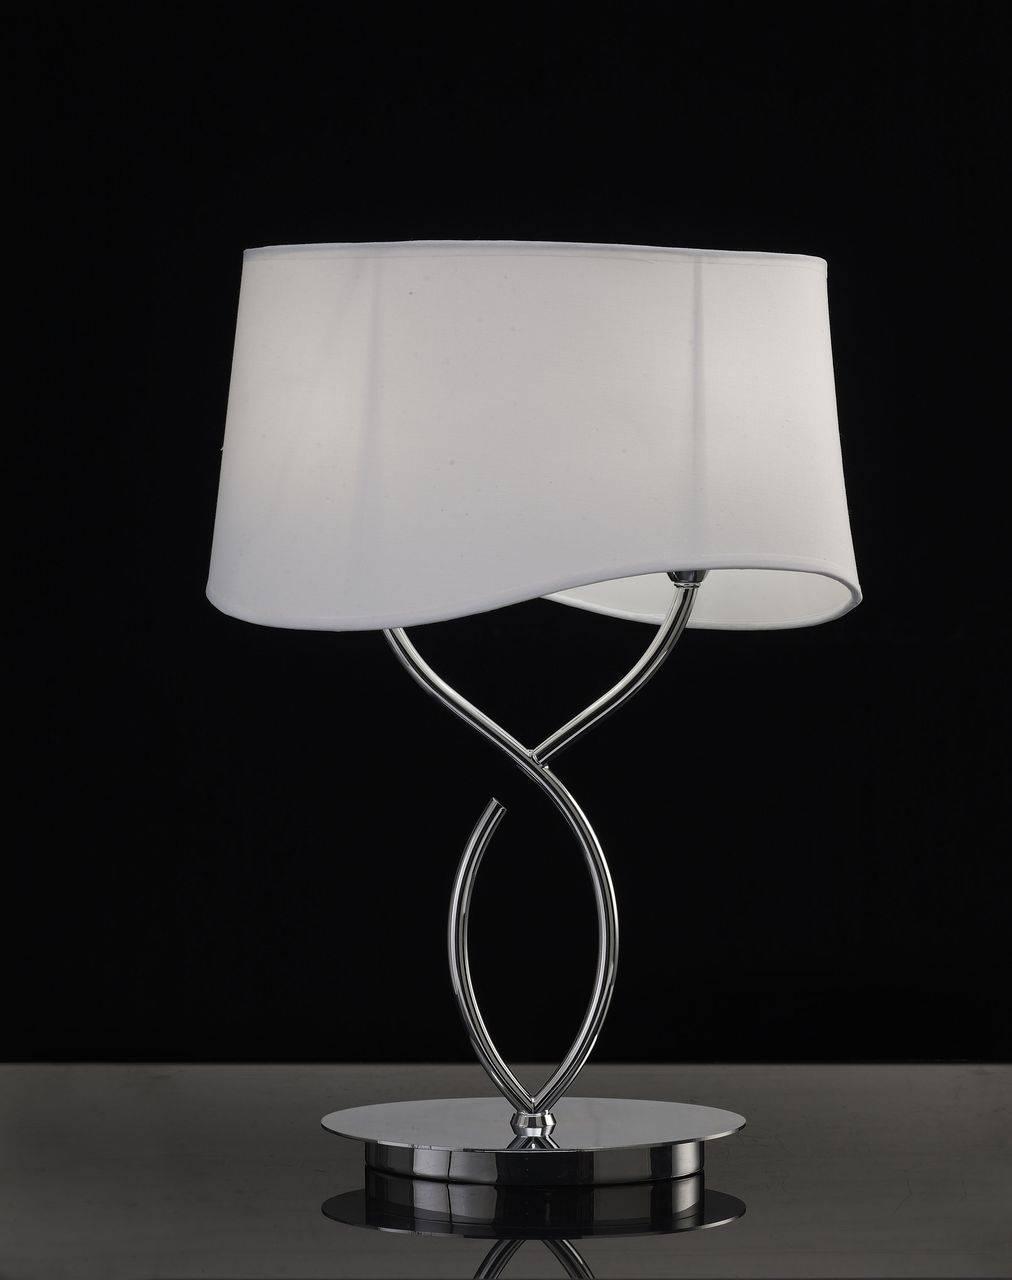 Настольная лампа Mantra Ninette Chrome 1906 все цены